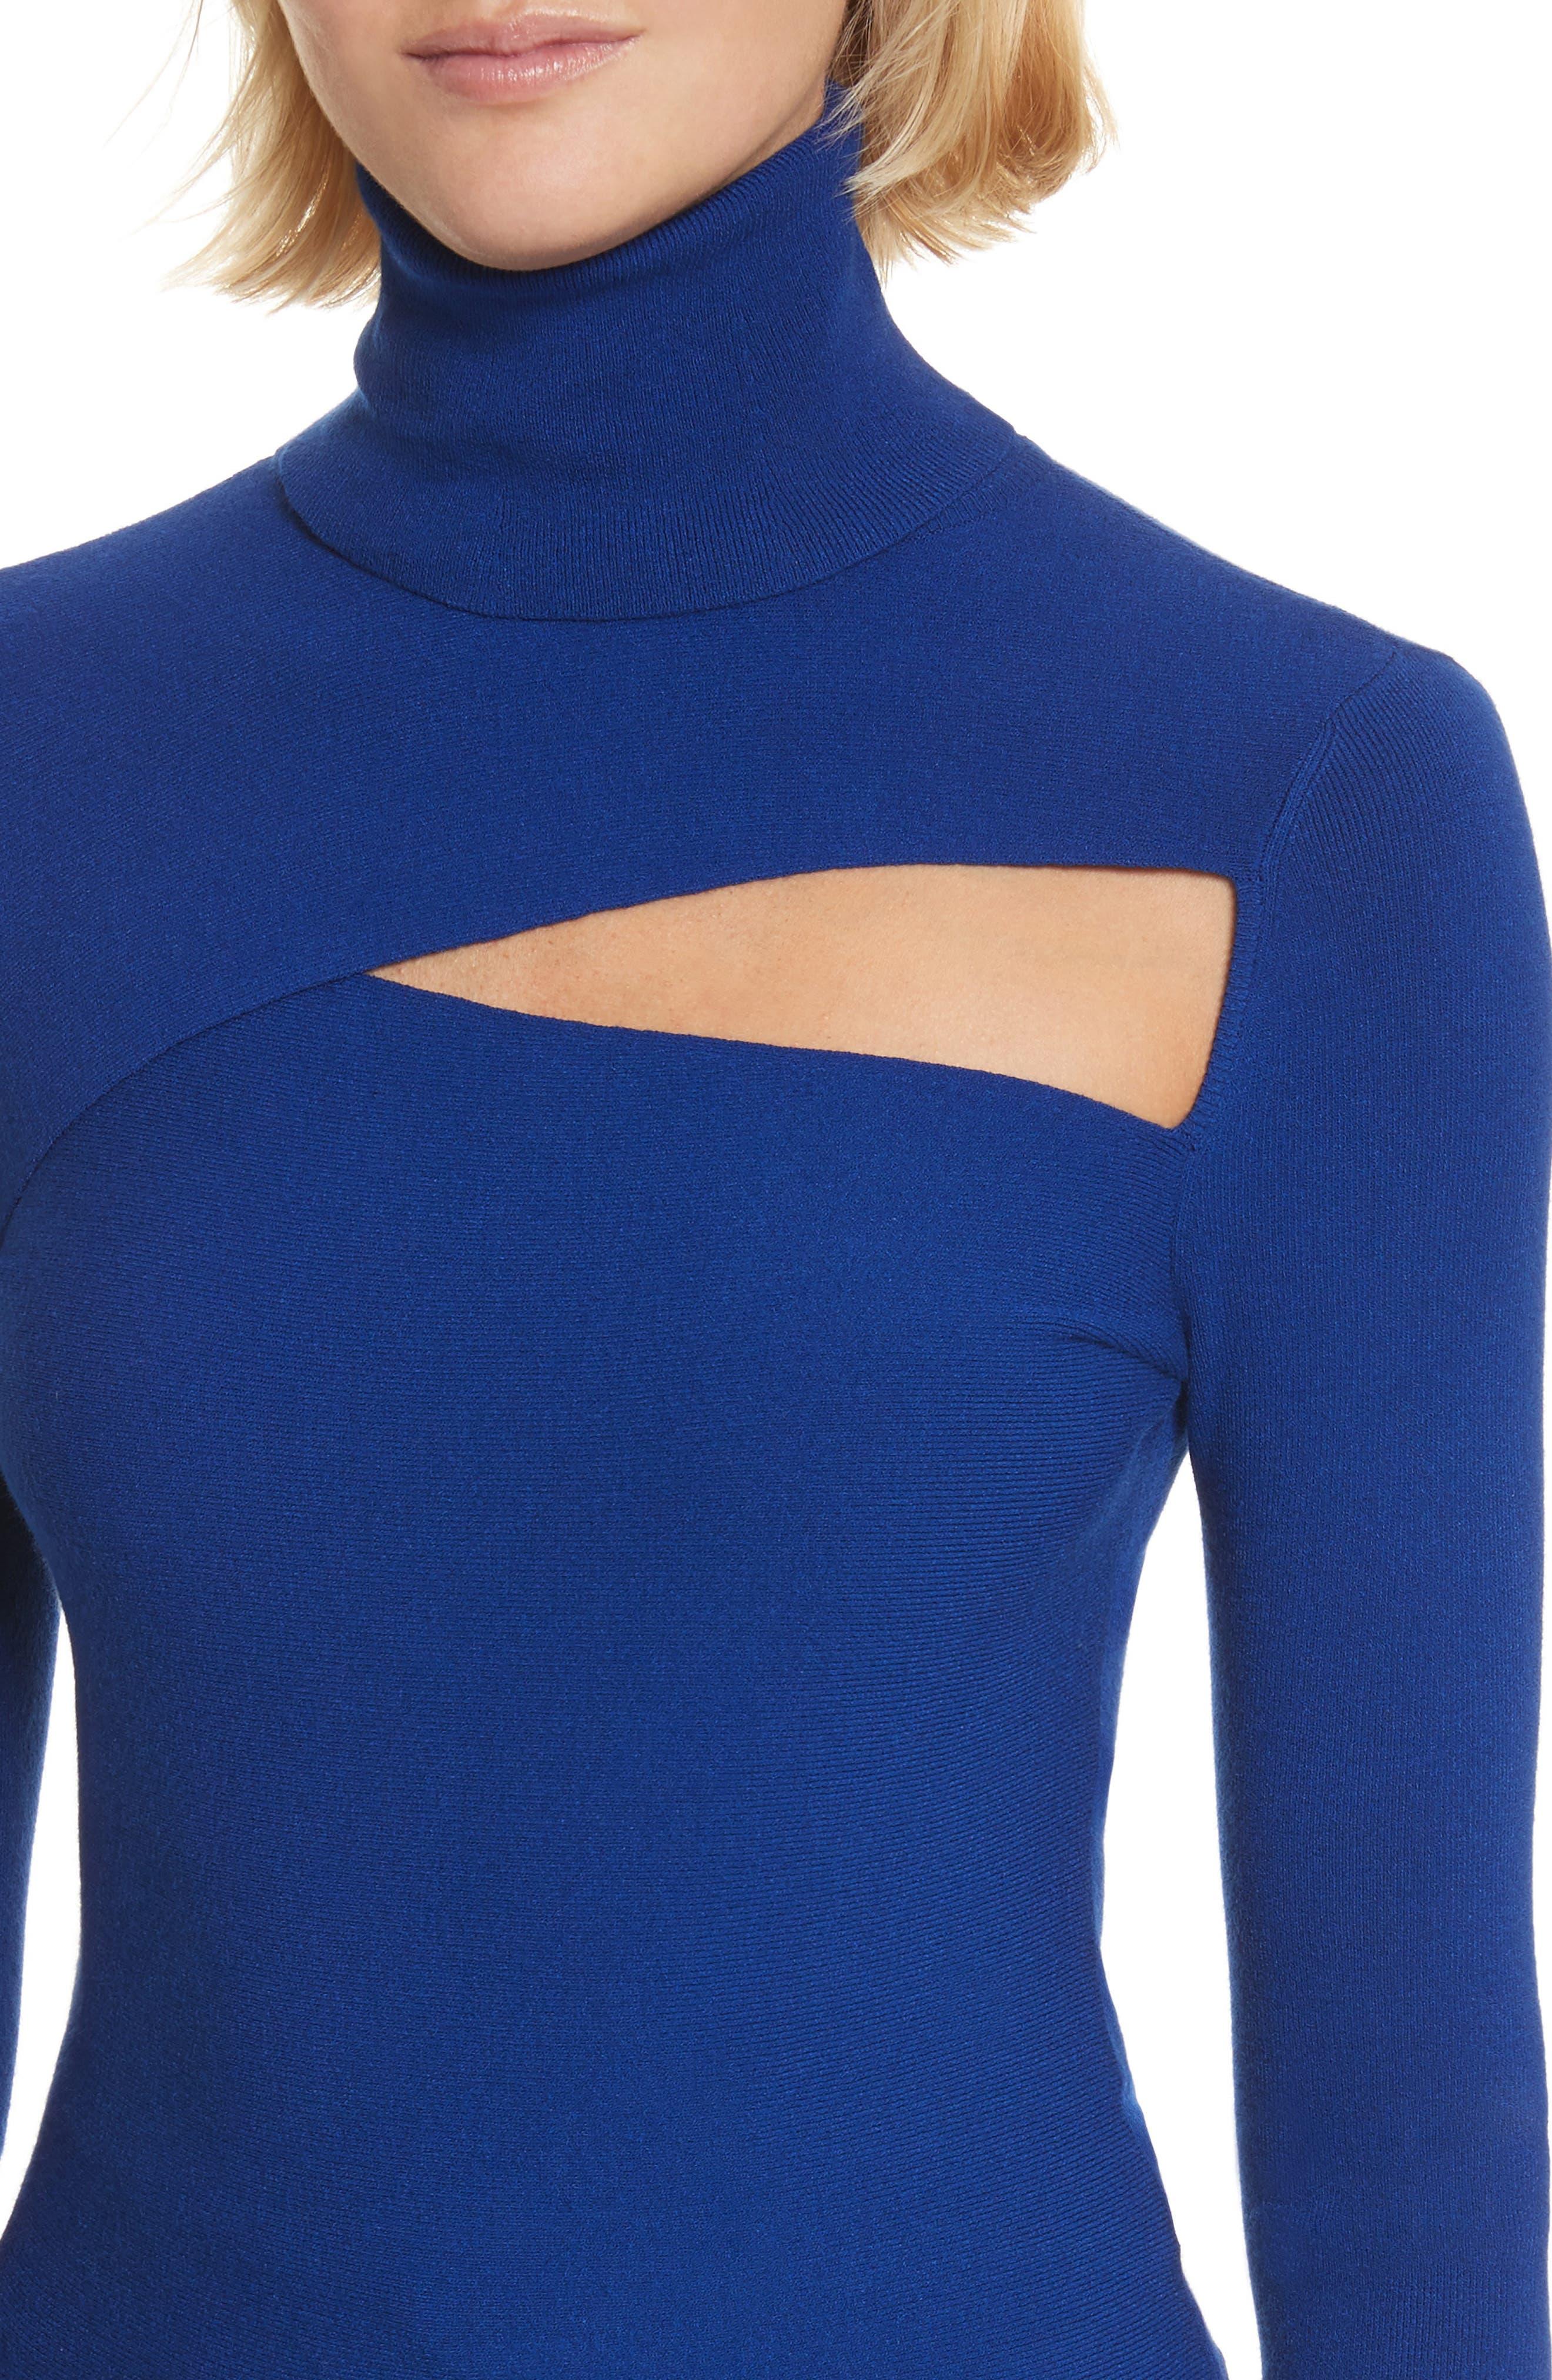 Alternate Image 4  - A.L.C. Camden Cutout Turtleneck Sweater